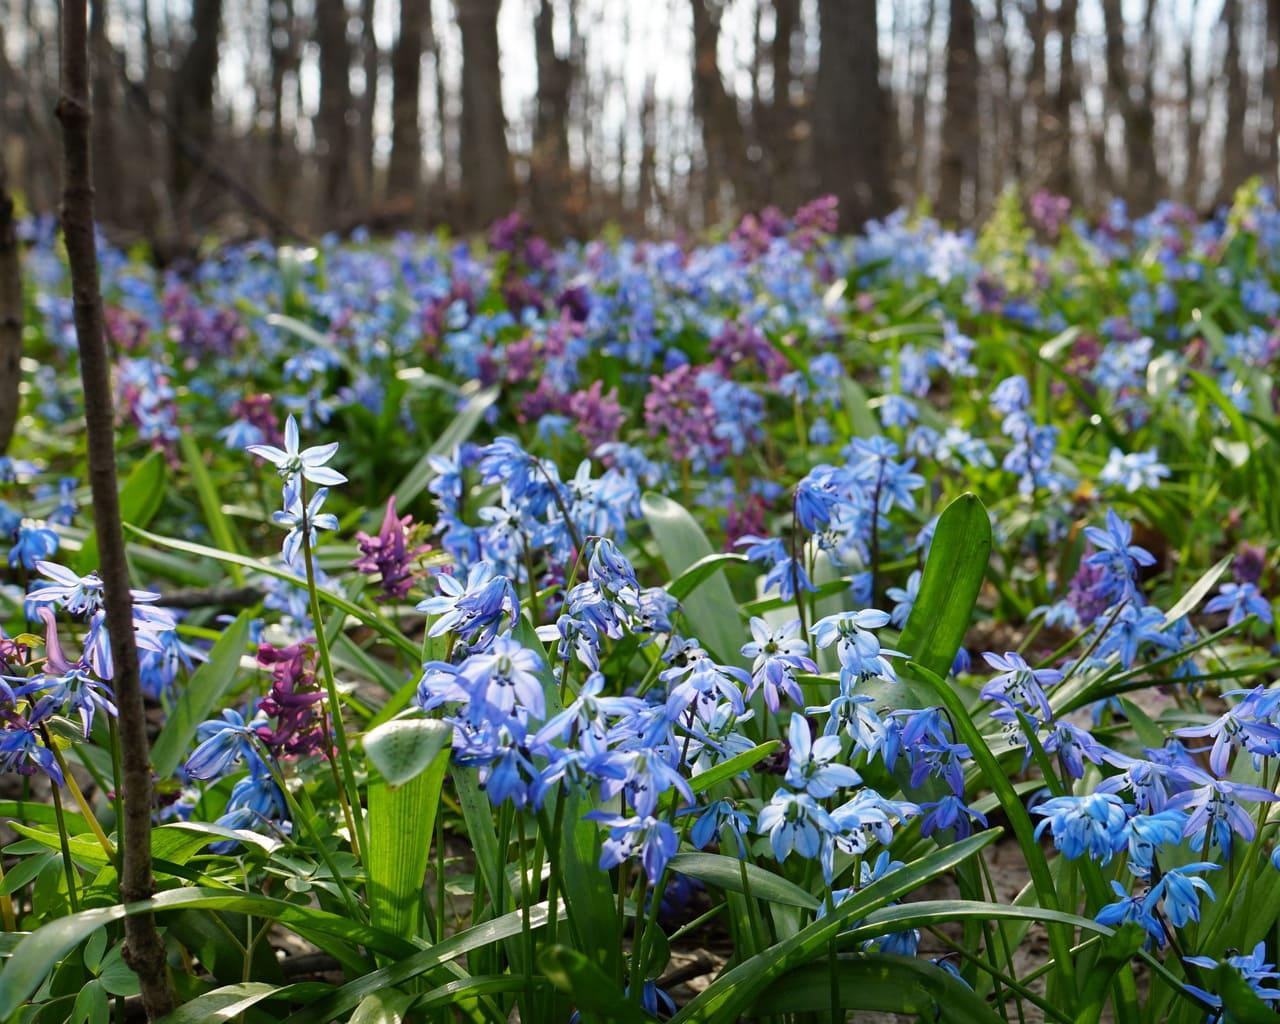 Verwilderung im Wald mit Blausternen, Scilla und Lerchensporn, Corydalis, Von Vadim Ozz Lizenzfreie Stockfotonummer: 661626259